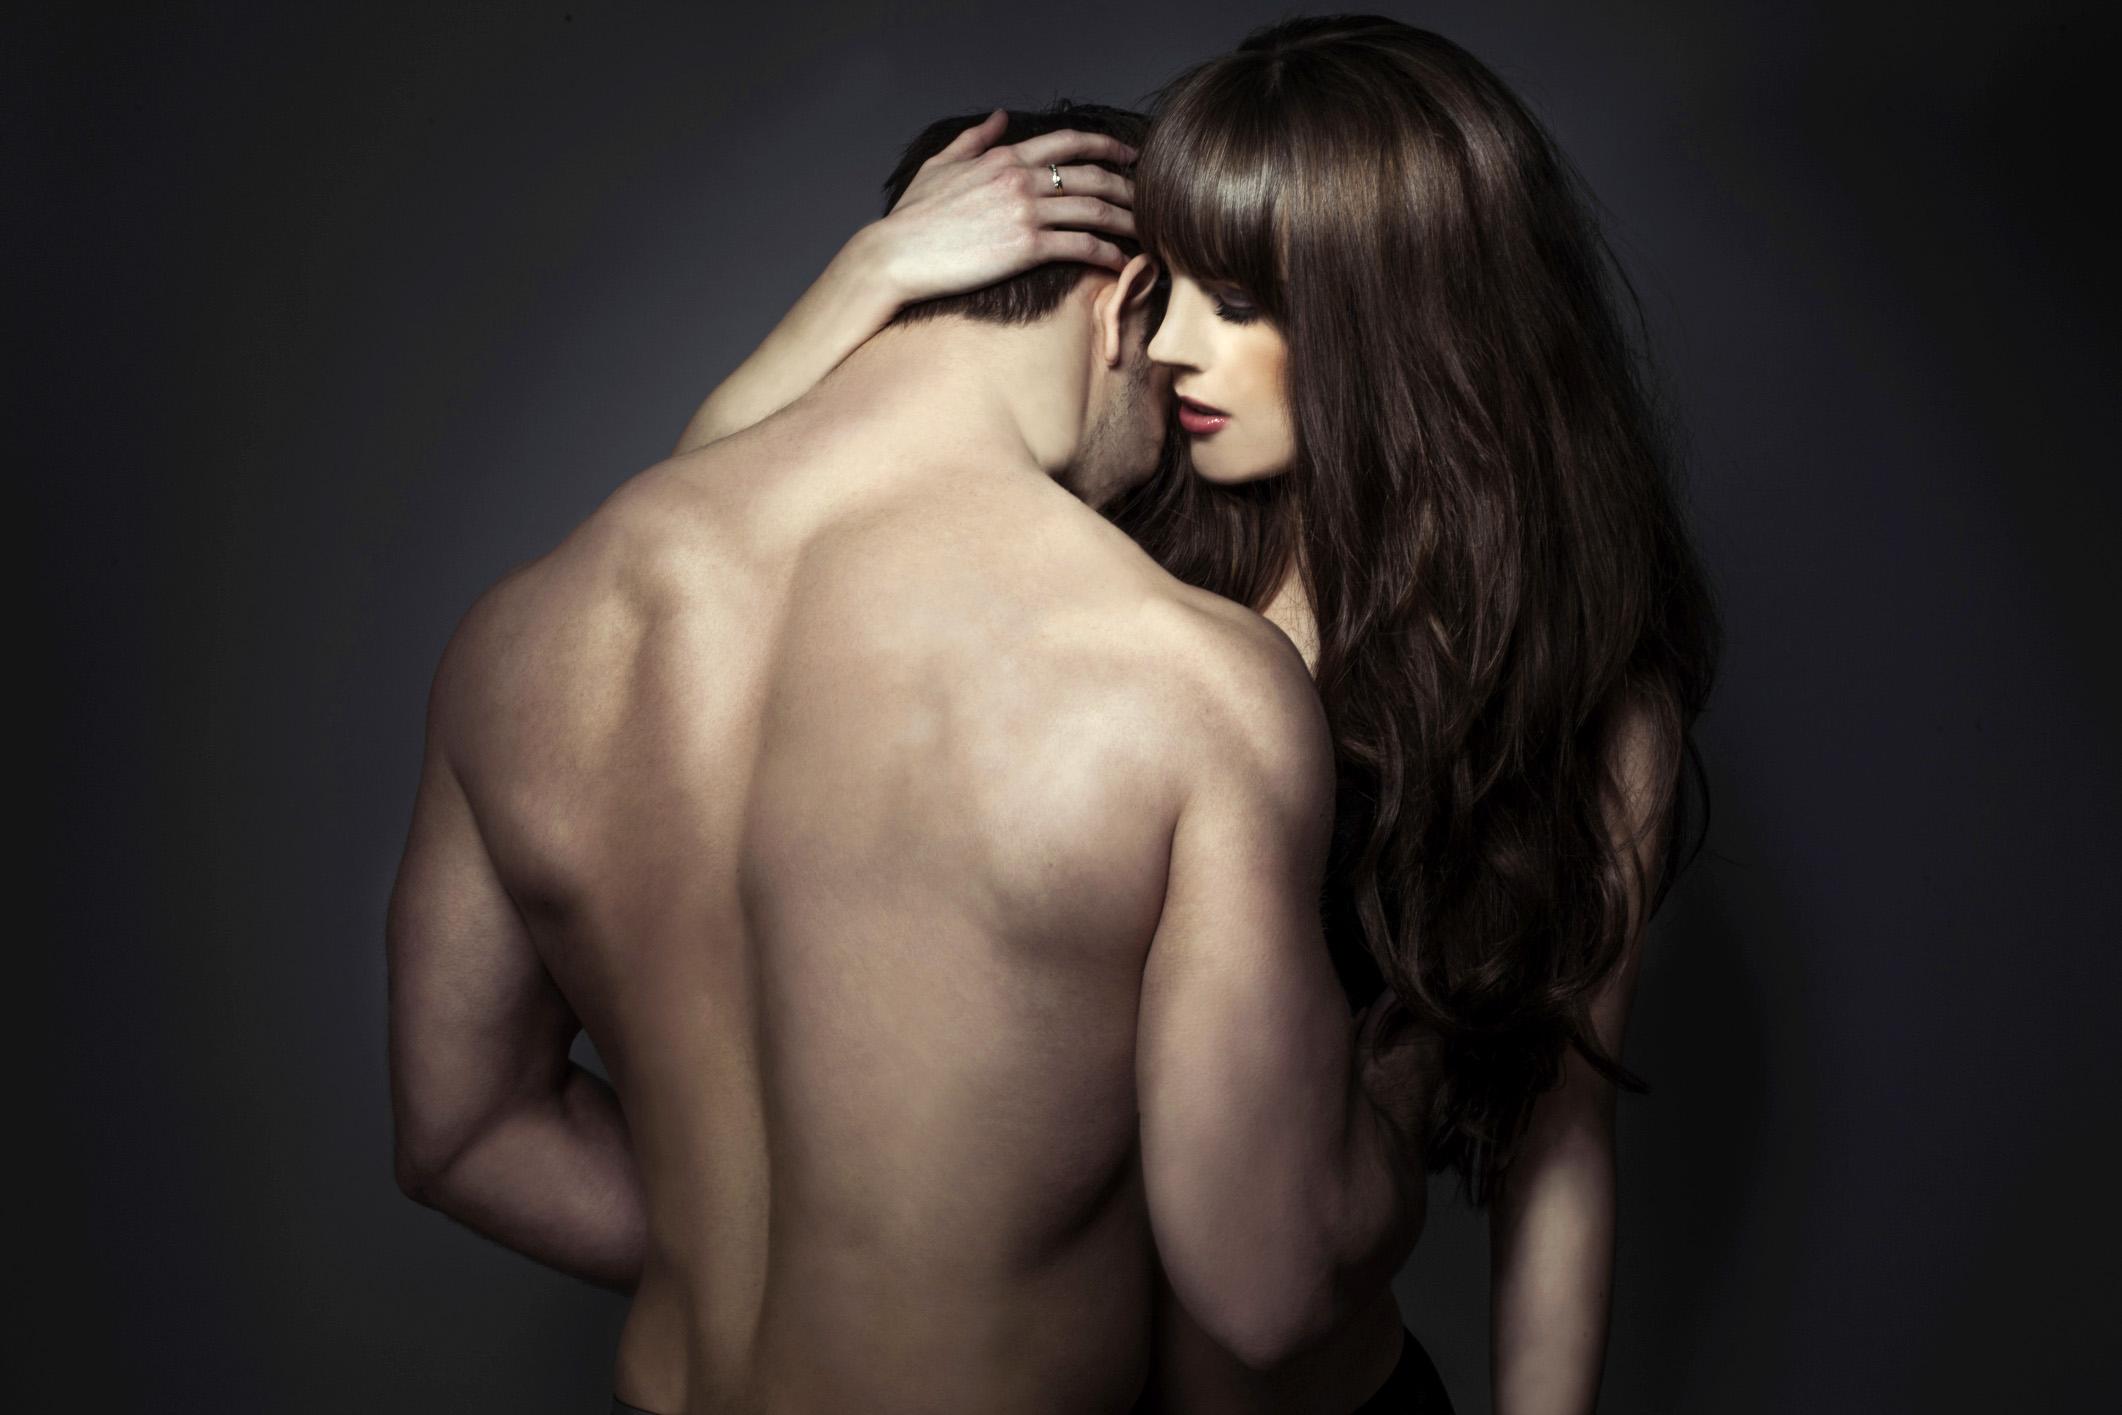 hogyan lehet stimulálni az erekciót a férfiaknál